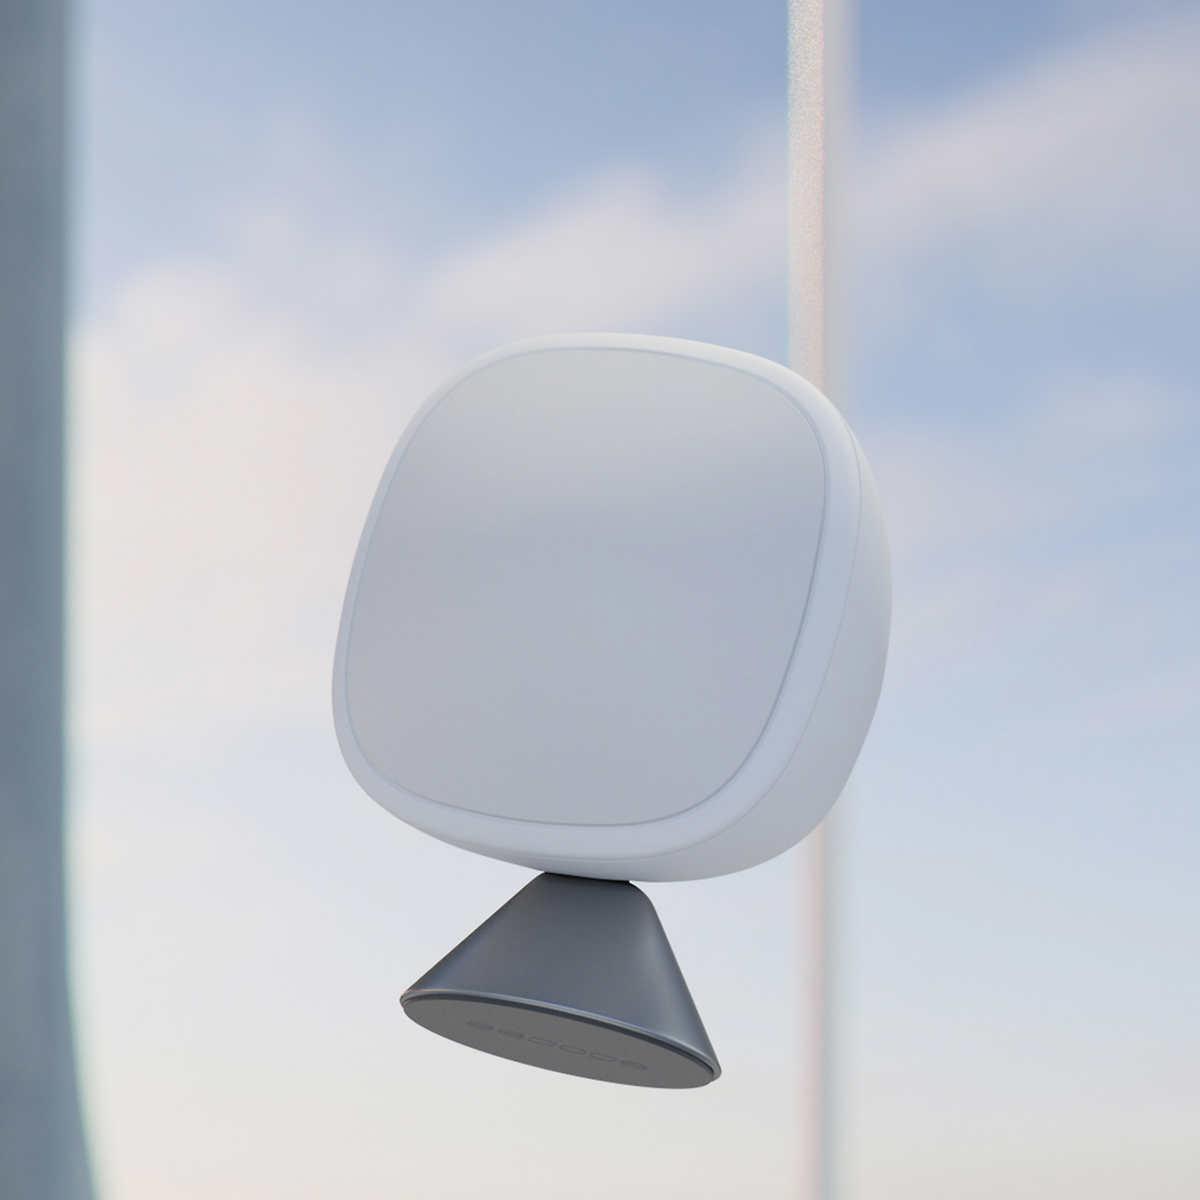 Whole Home Sensors